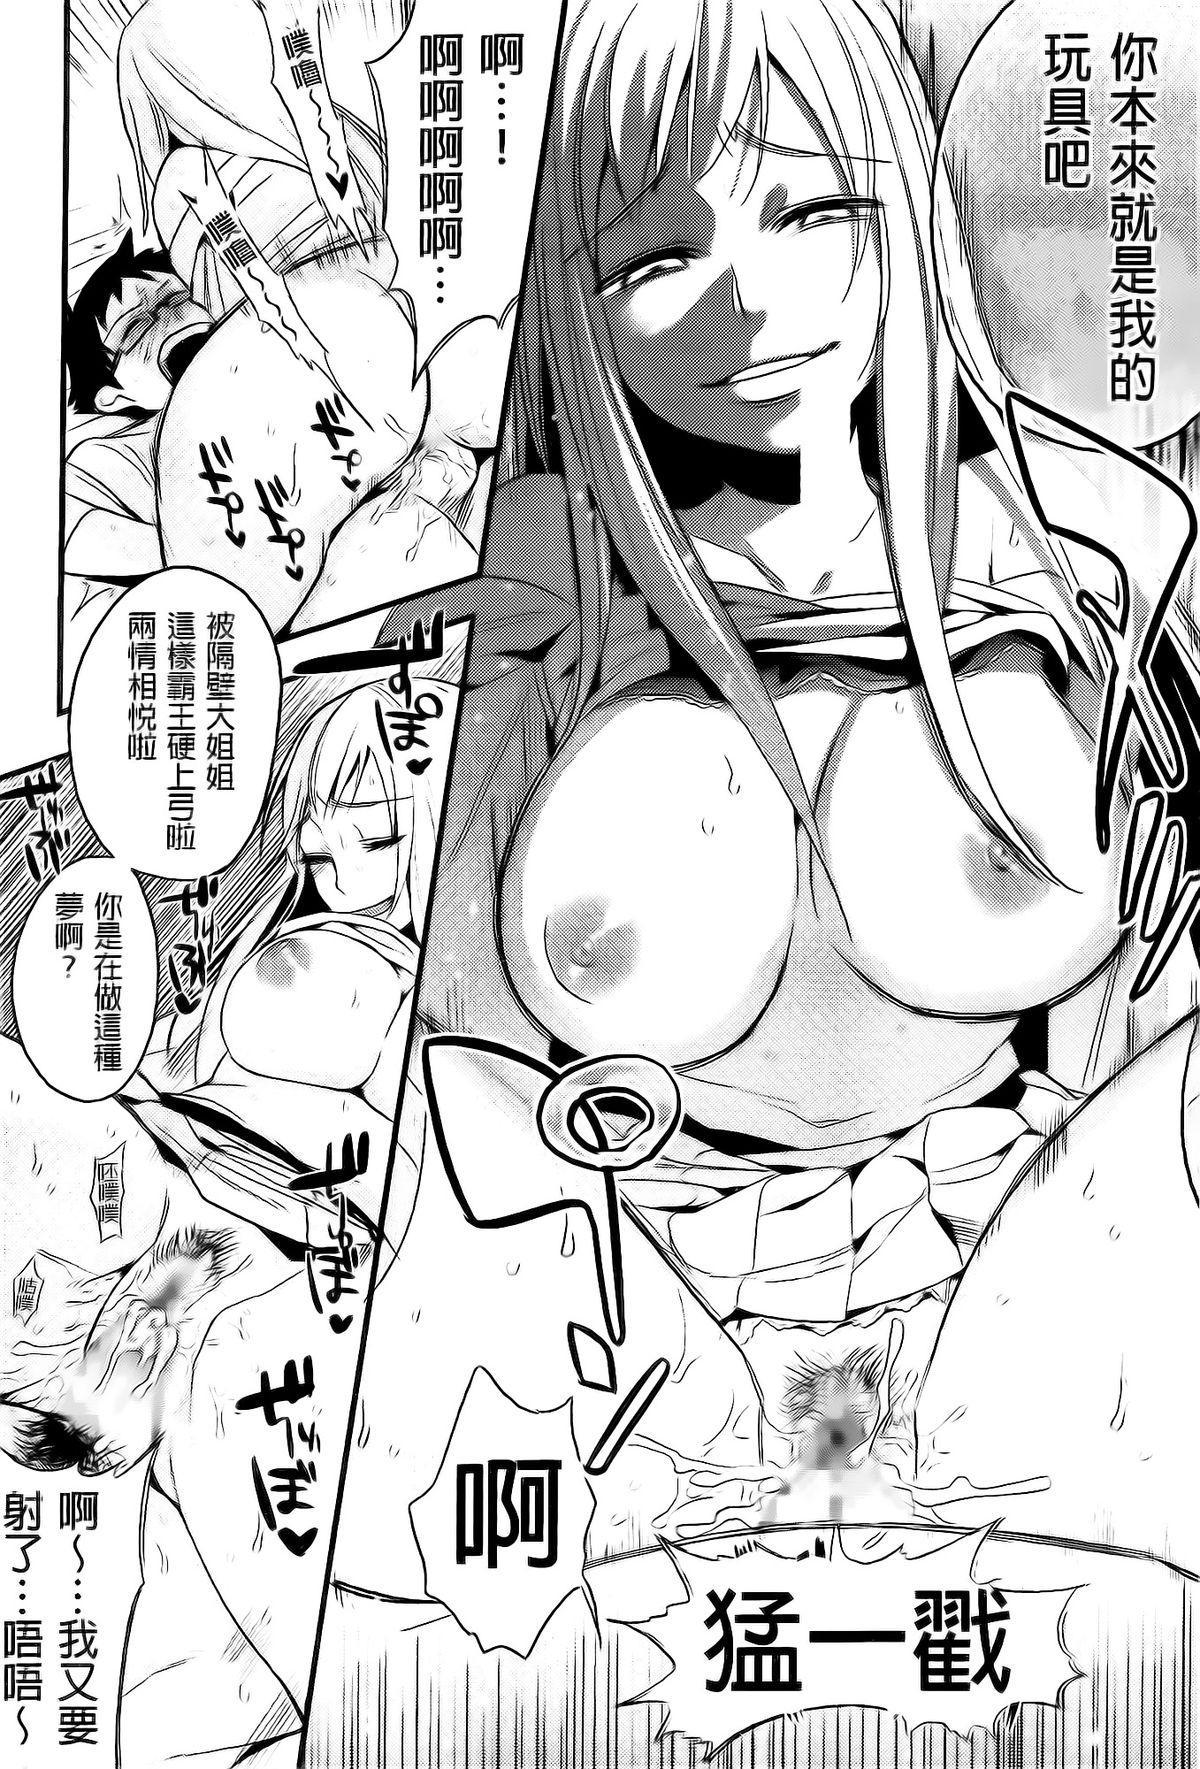 Boku Dake no Yuuyami 147